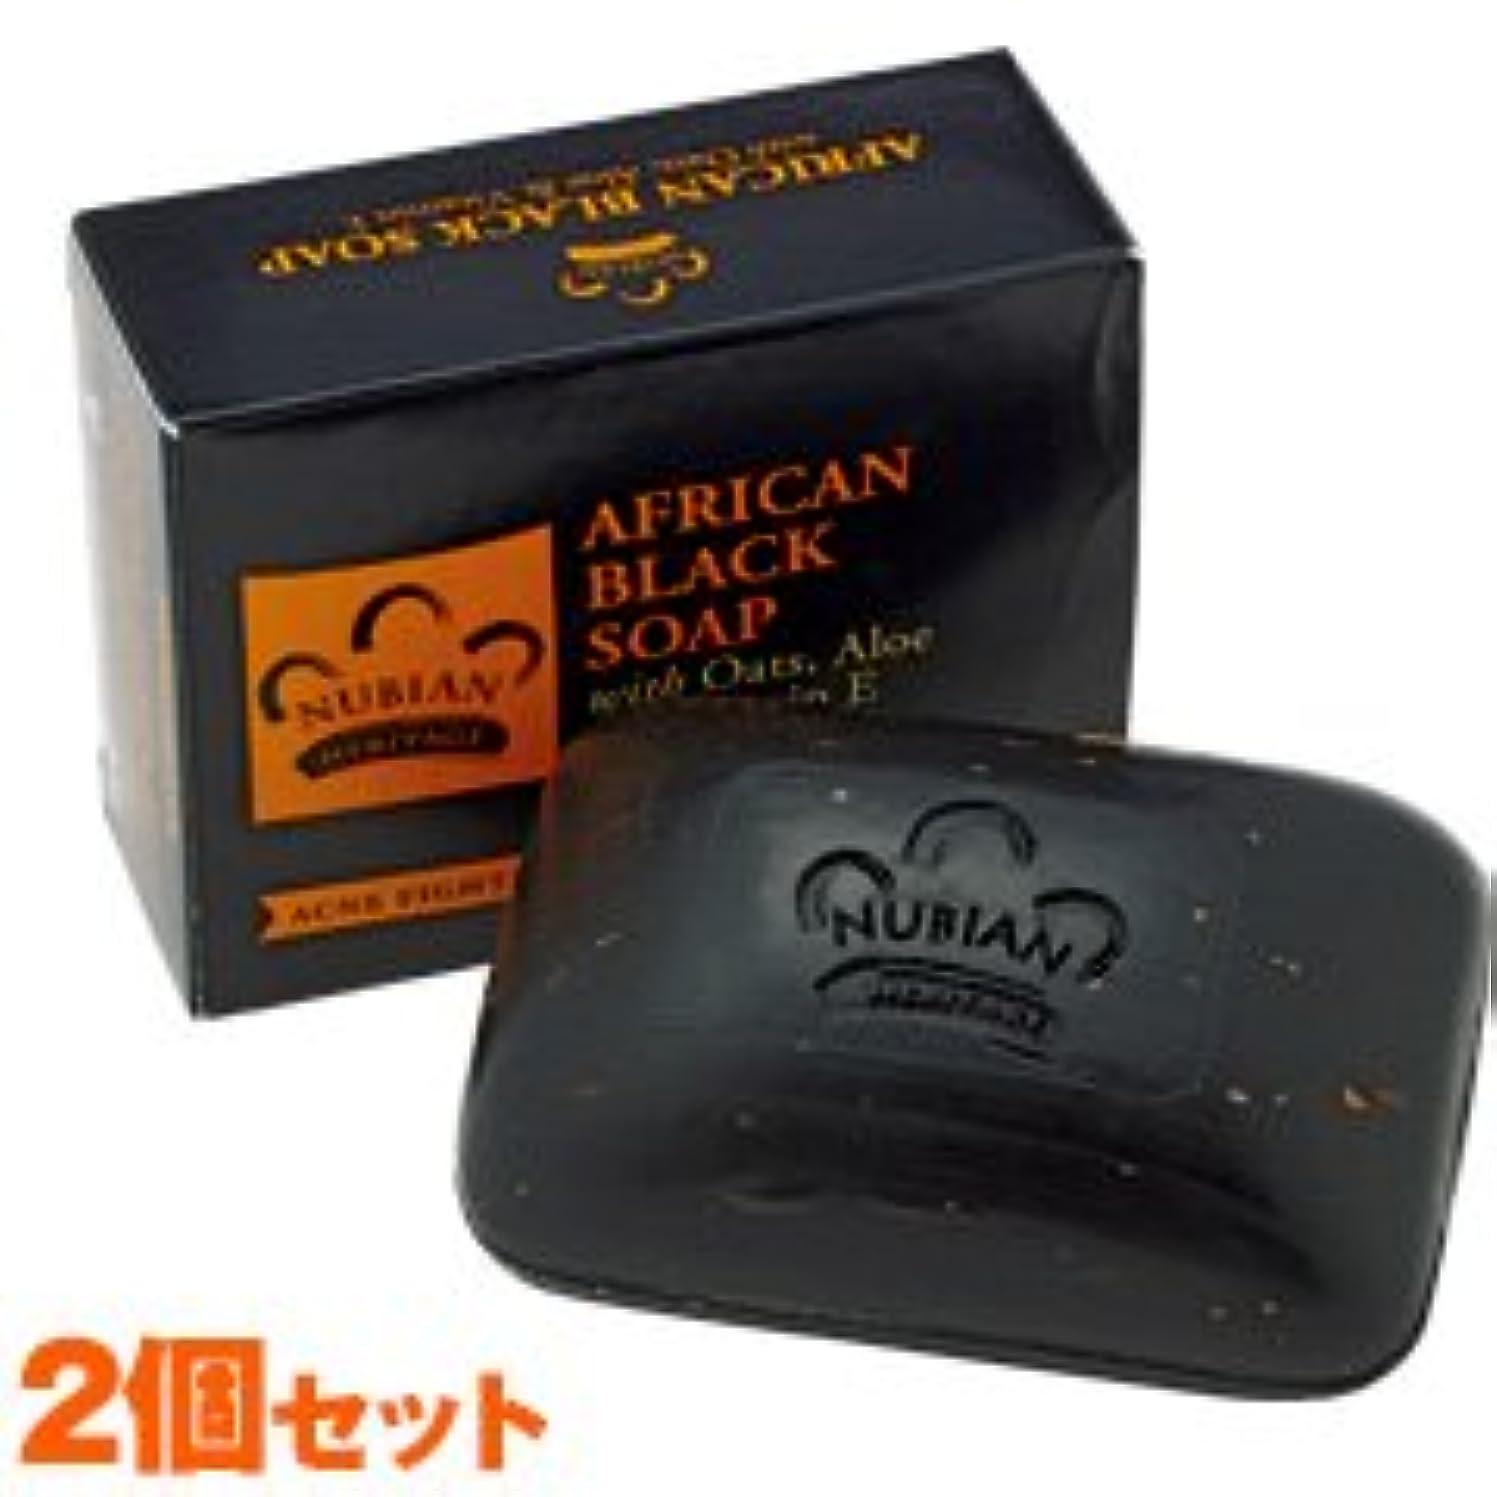 うるさいスリラー狂信者ヌビアン ヘリテージ(NUBIAN HERITAGE)アフリカン ブラック ソープバー 2個セット 141gX2[並行輸入品][海外直送品]